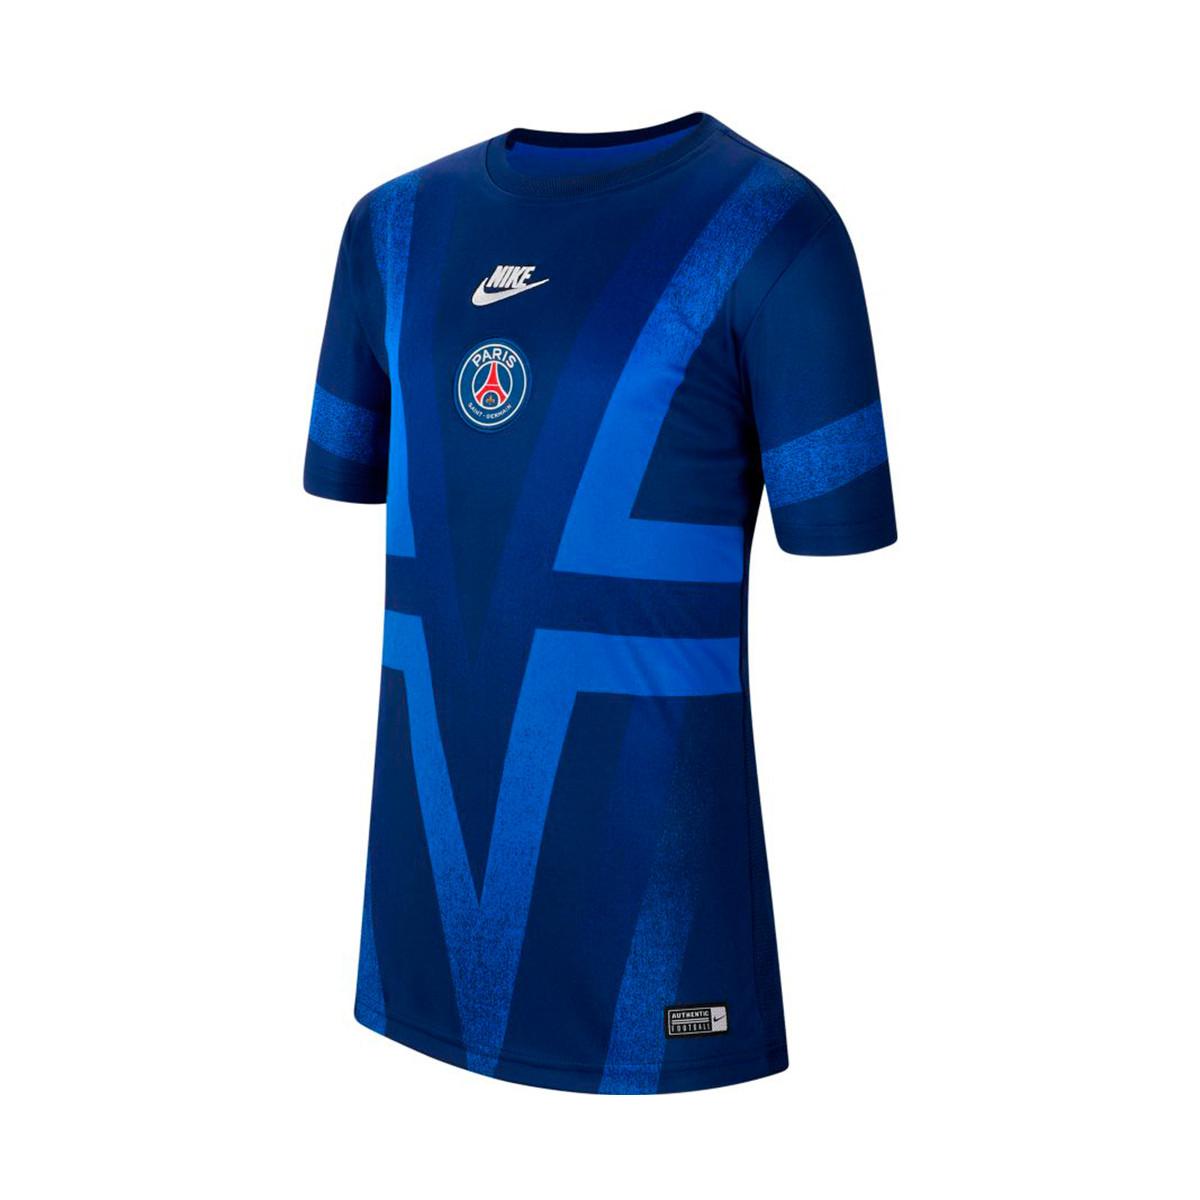 Camisola Nike Paris Saint Germain Dry 2019 2020 Niño